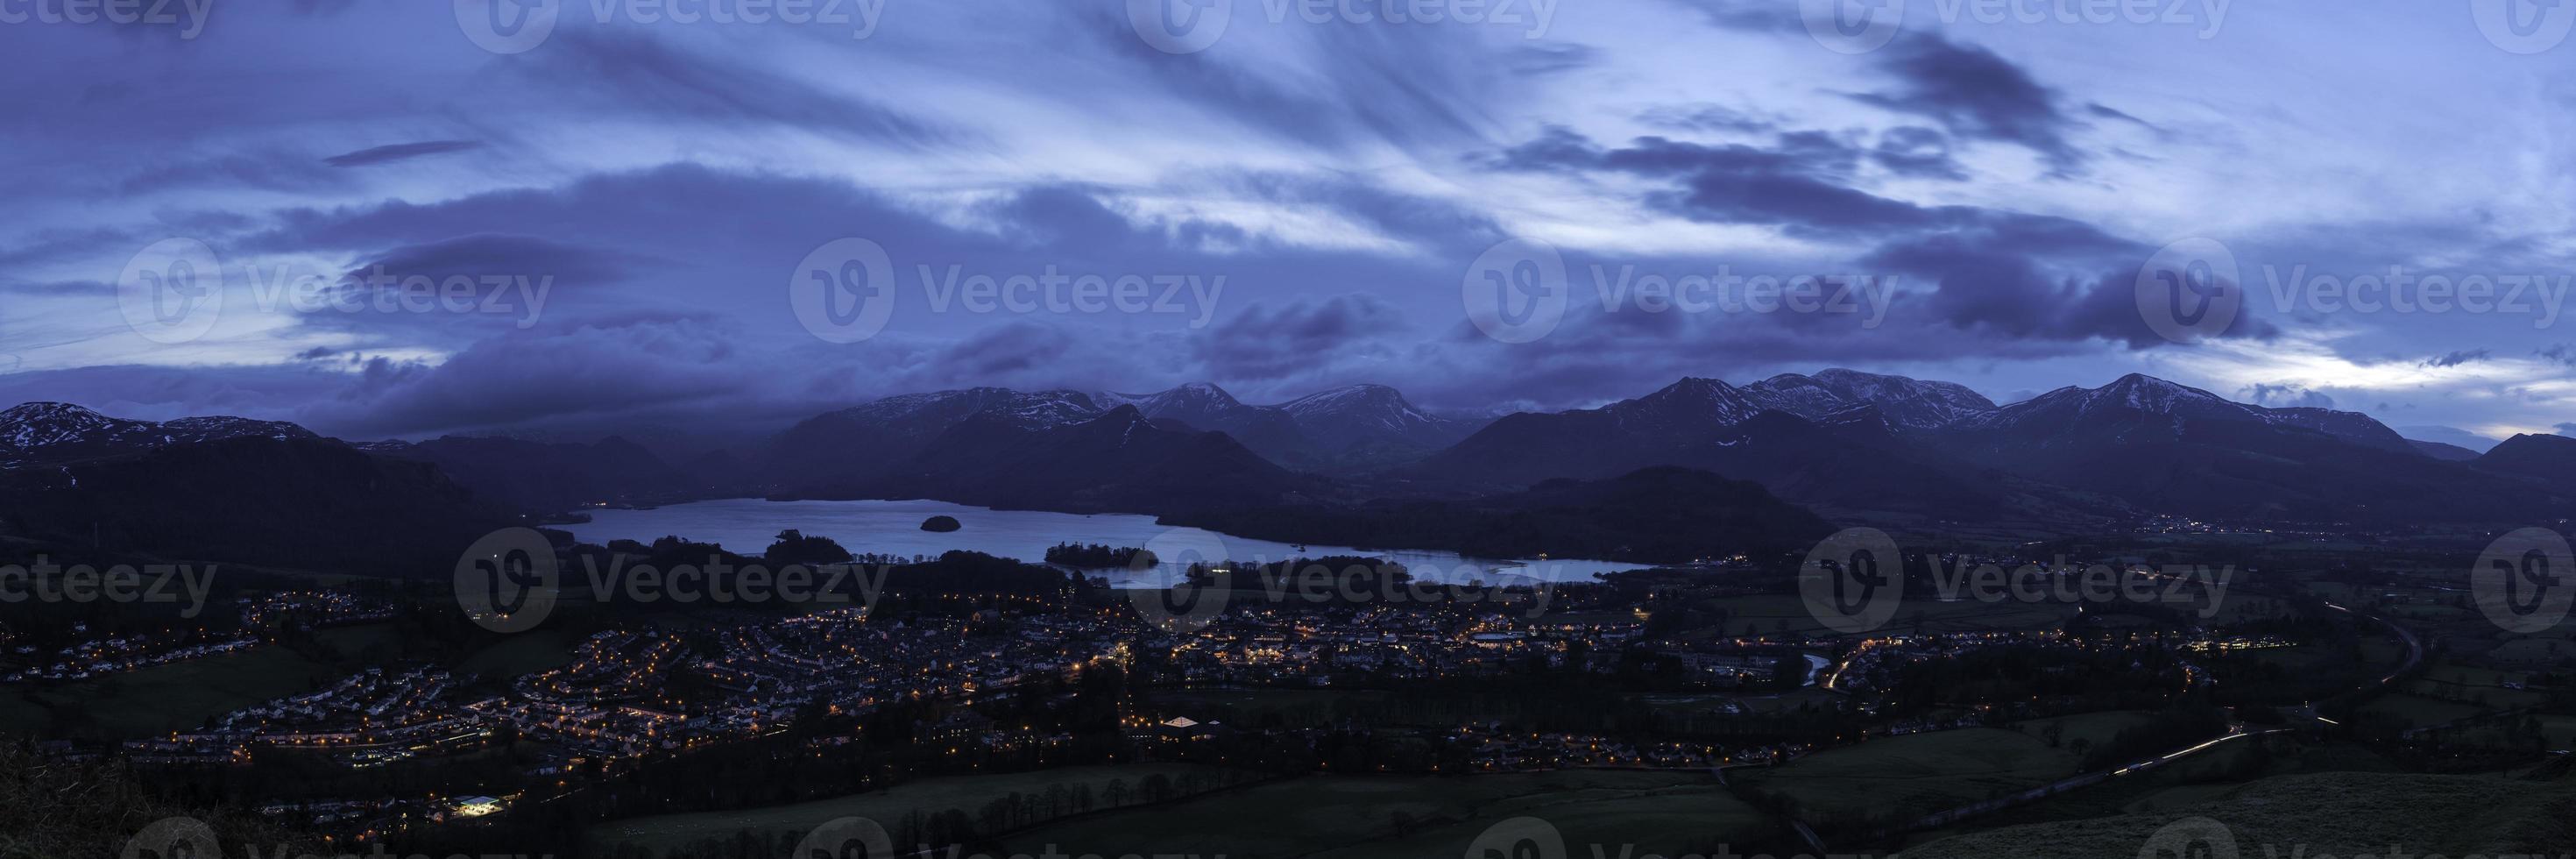 Lake District anochecer azul sobre la ciudad de montaña Cumbria foto